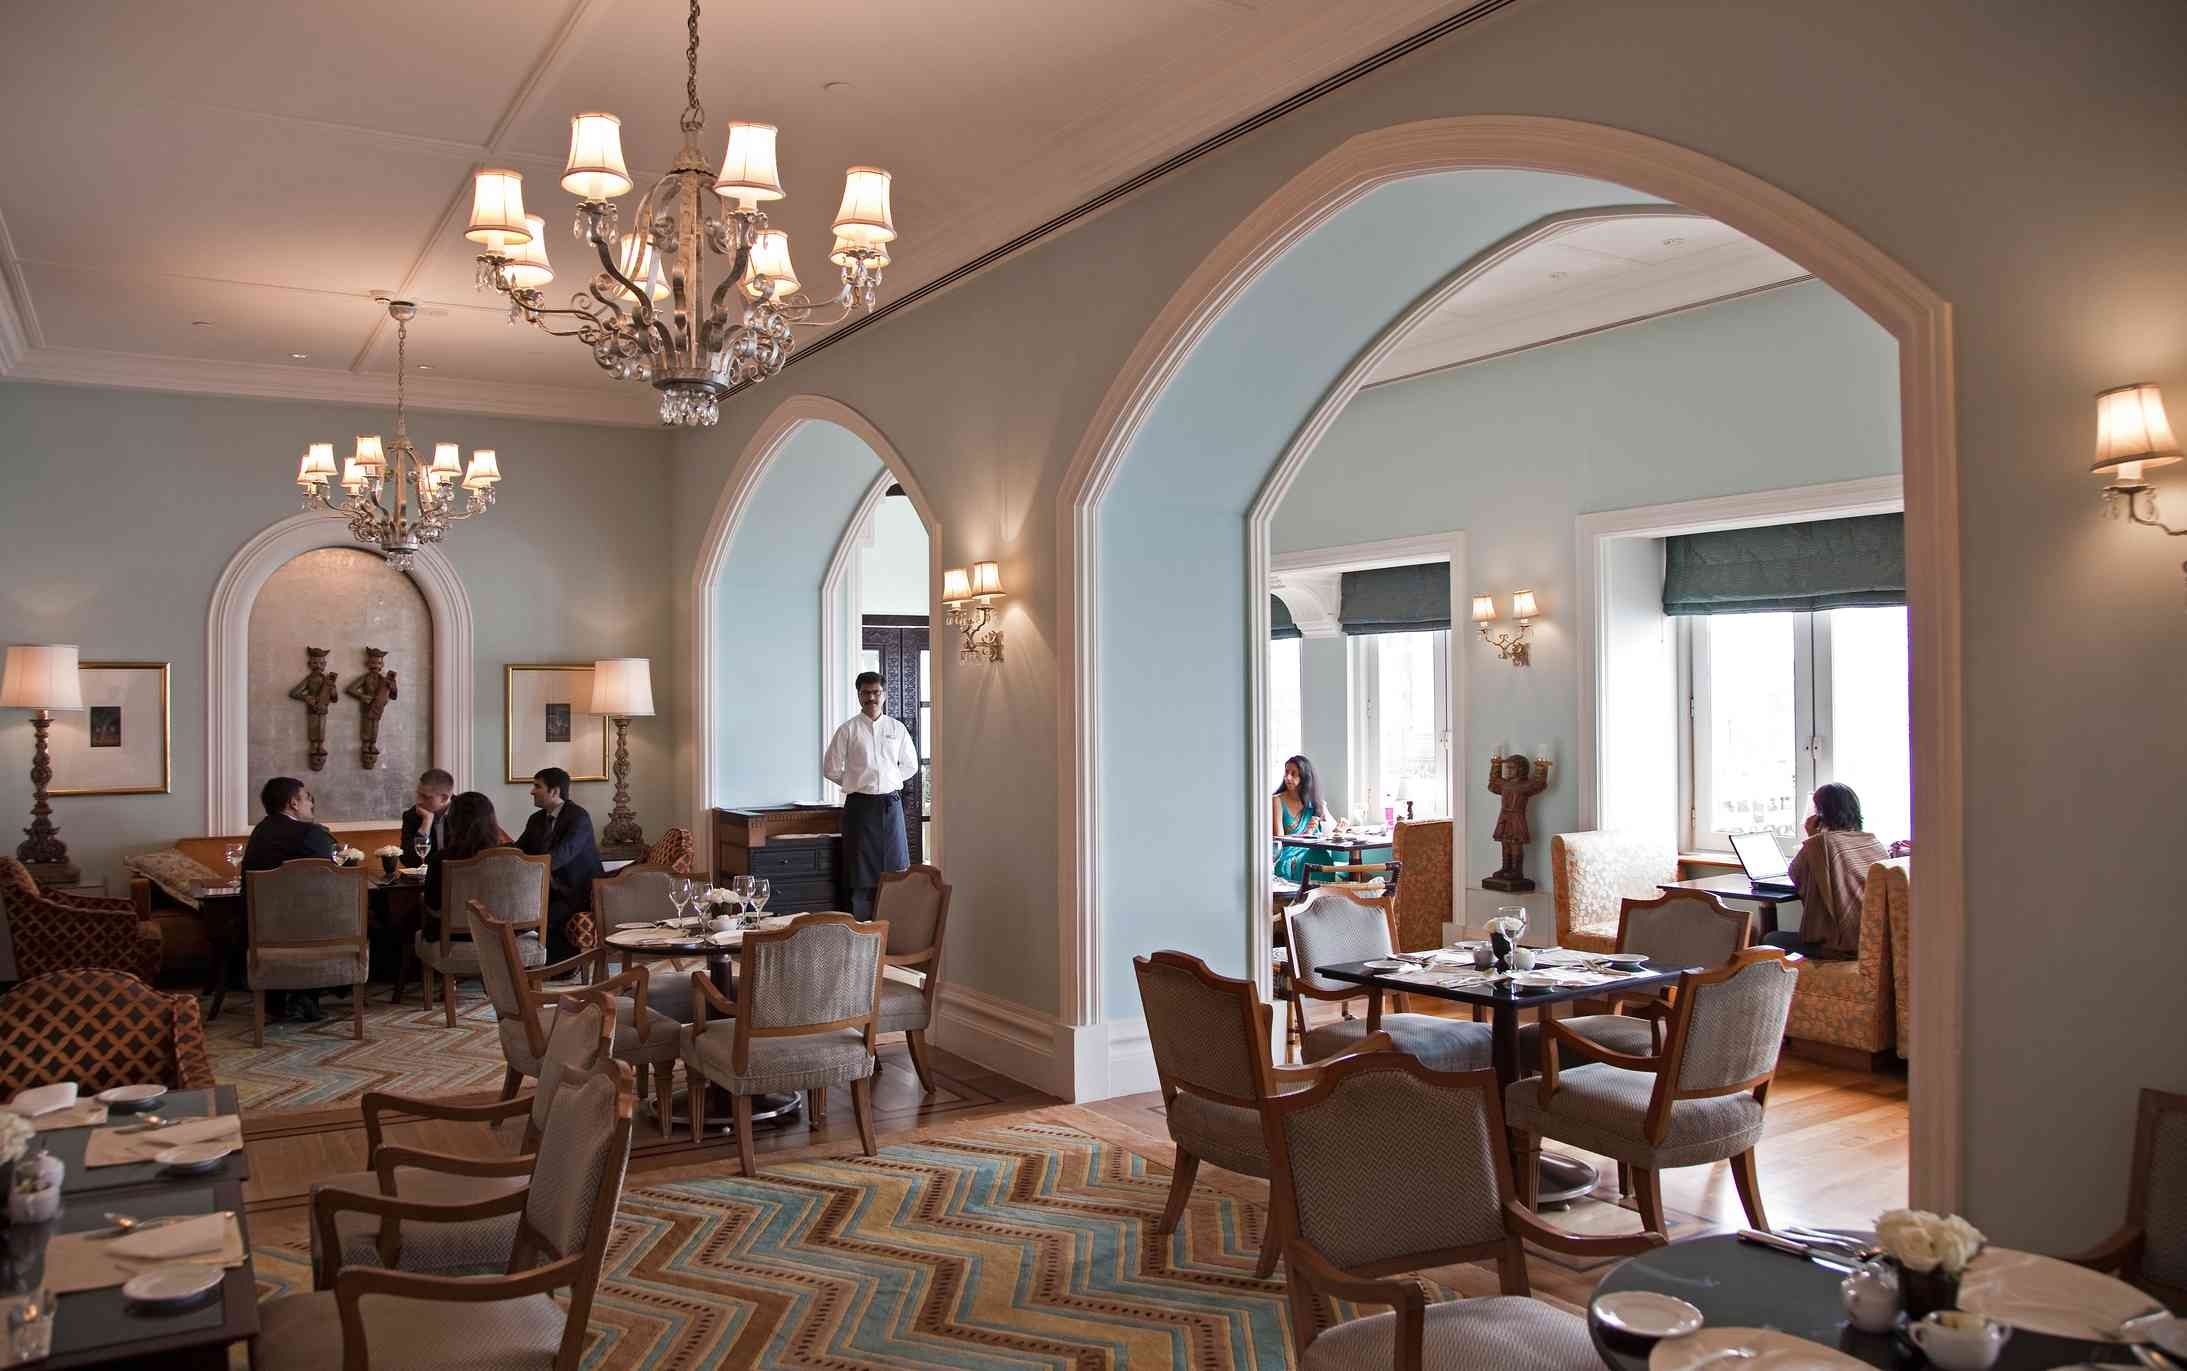 Sea Lounge, Taj Palace Hotel, Colaba